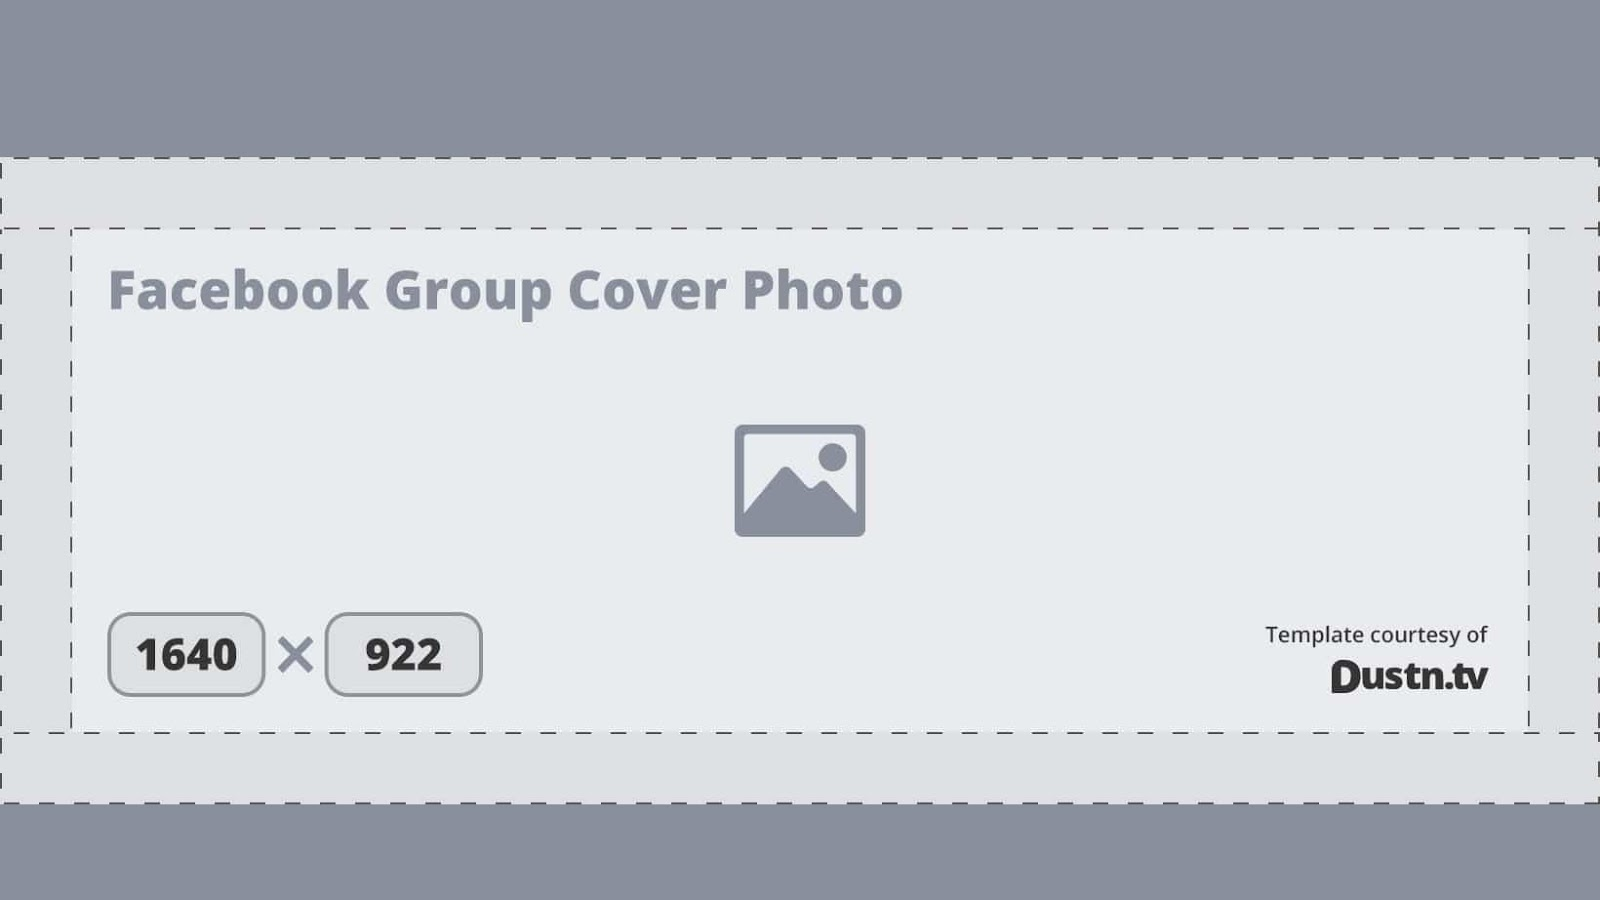 Kích thước tối ưu của ảnh bìa cho các nhóm trên Facebook là 1640 x 922 pixel sẽ cho ra một ảnh hoàn hảo